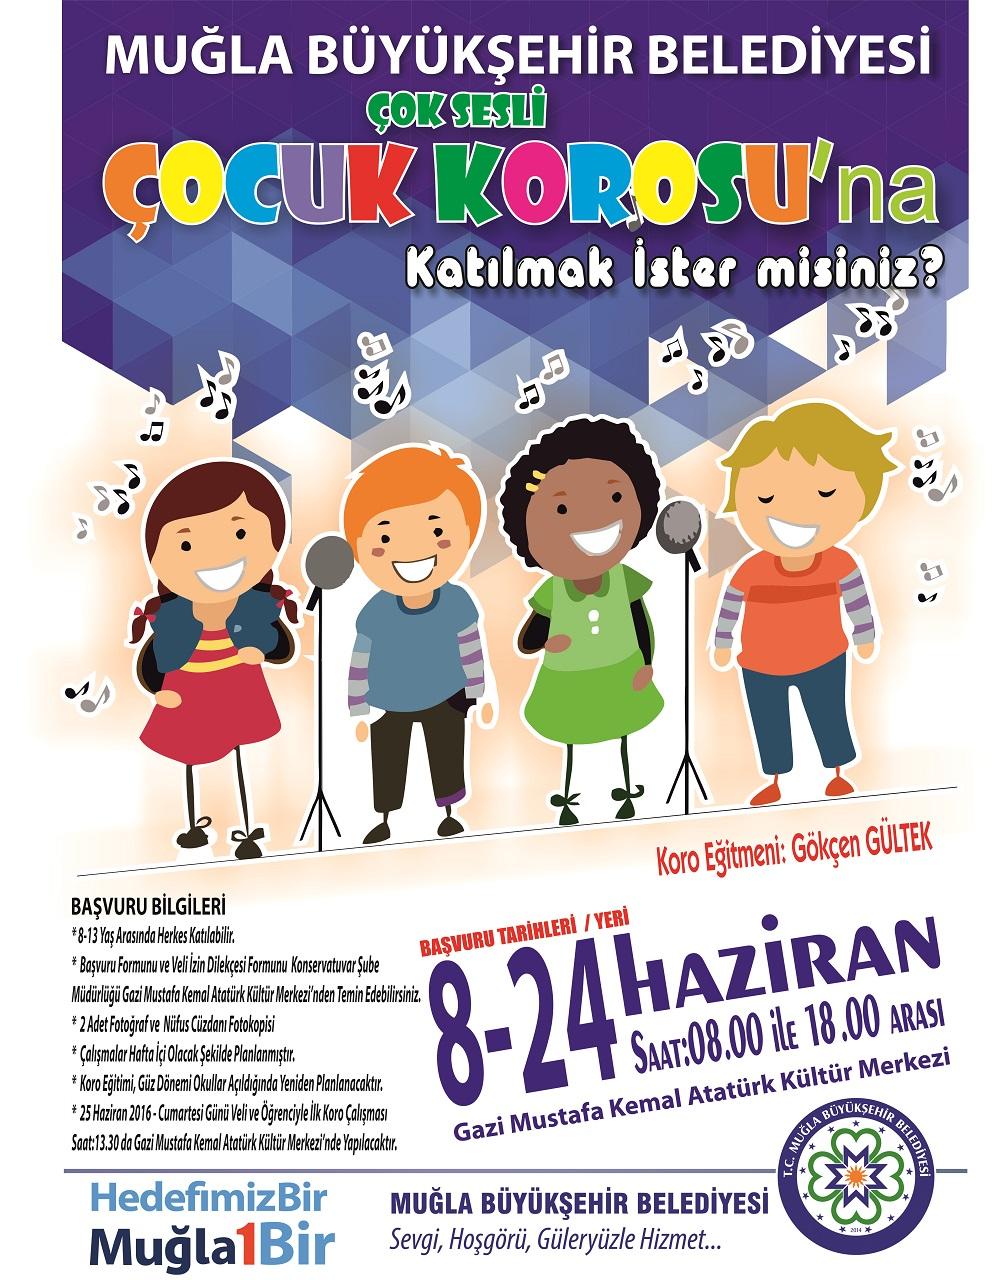 13 - 19 Ağustos Haftası Çocuk Etkinlikleri